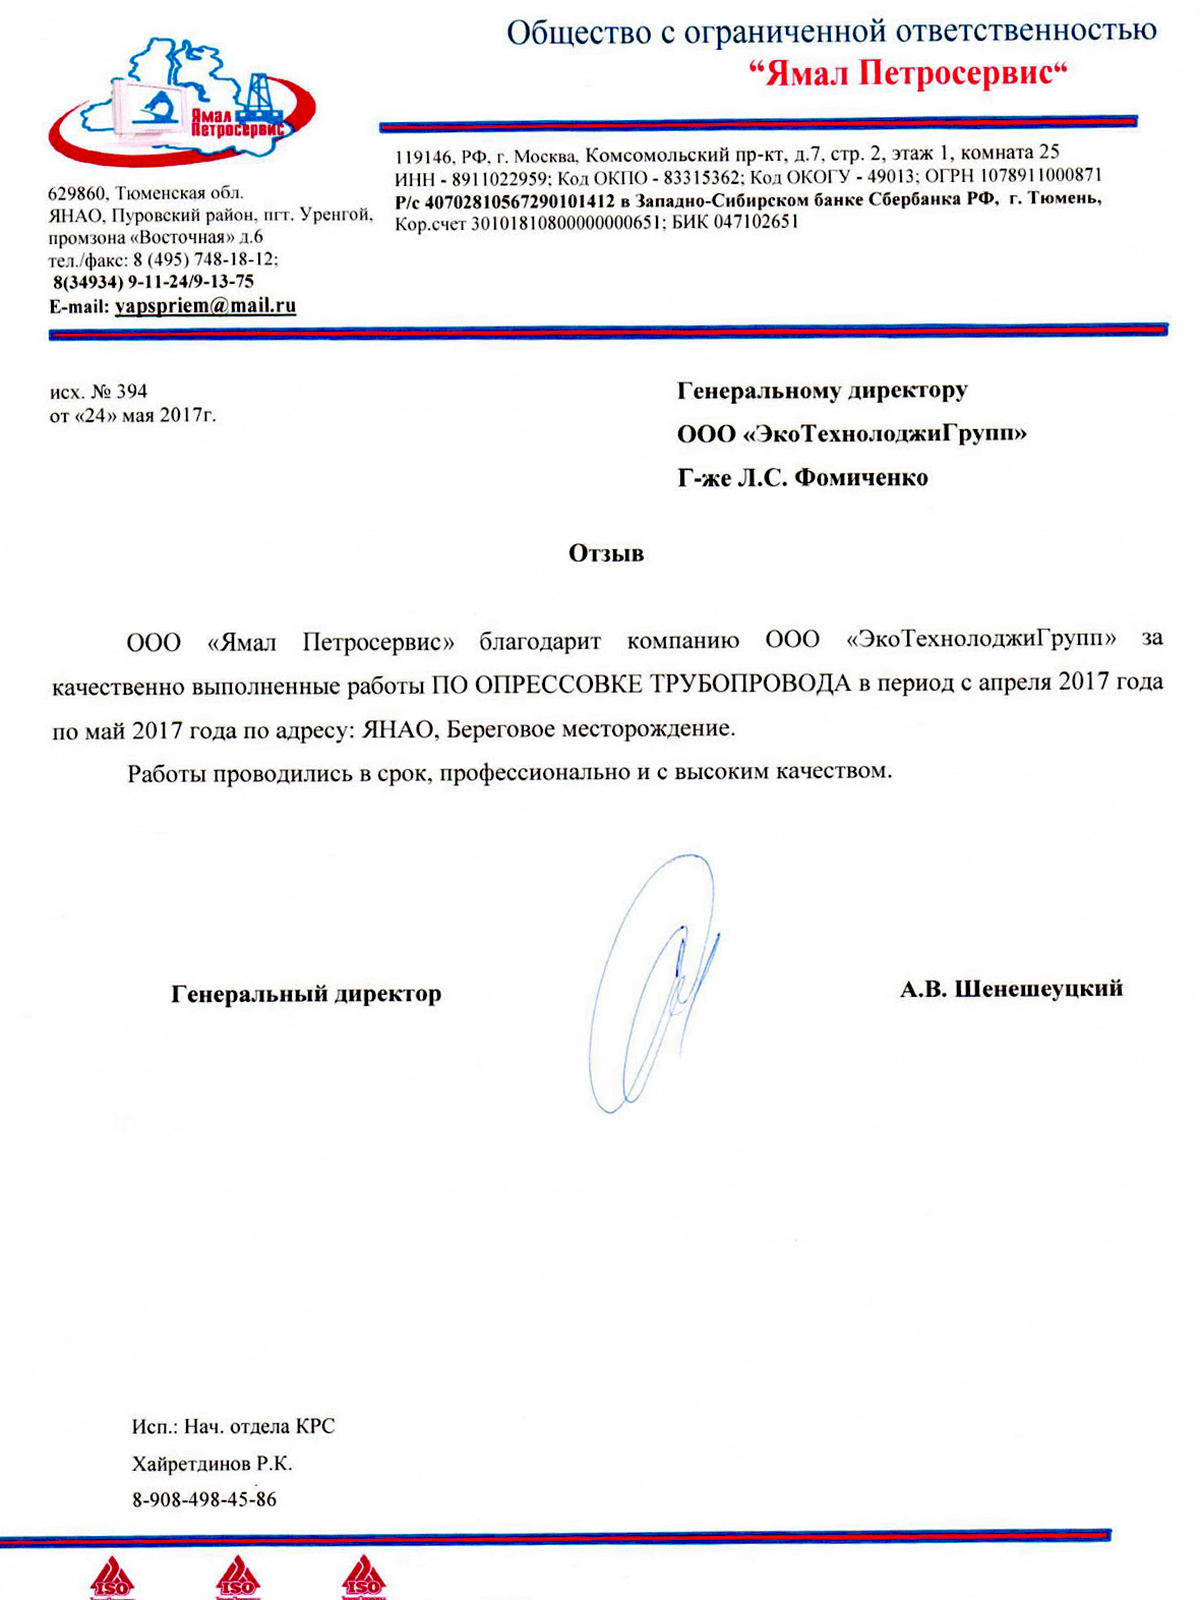 """Отзыв ООО """"Ямал Петросервис"""""""